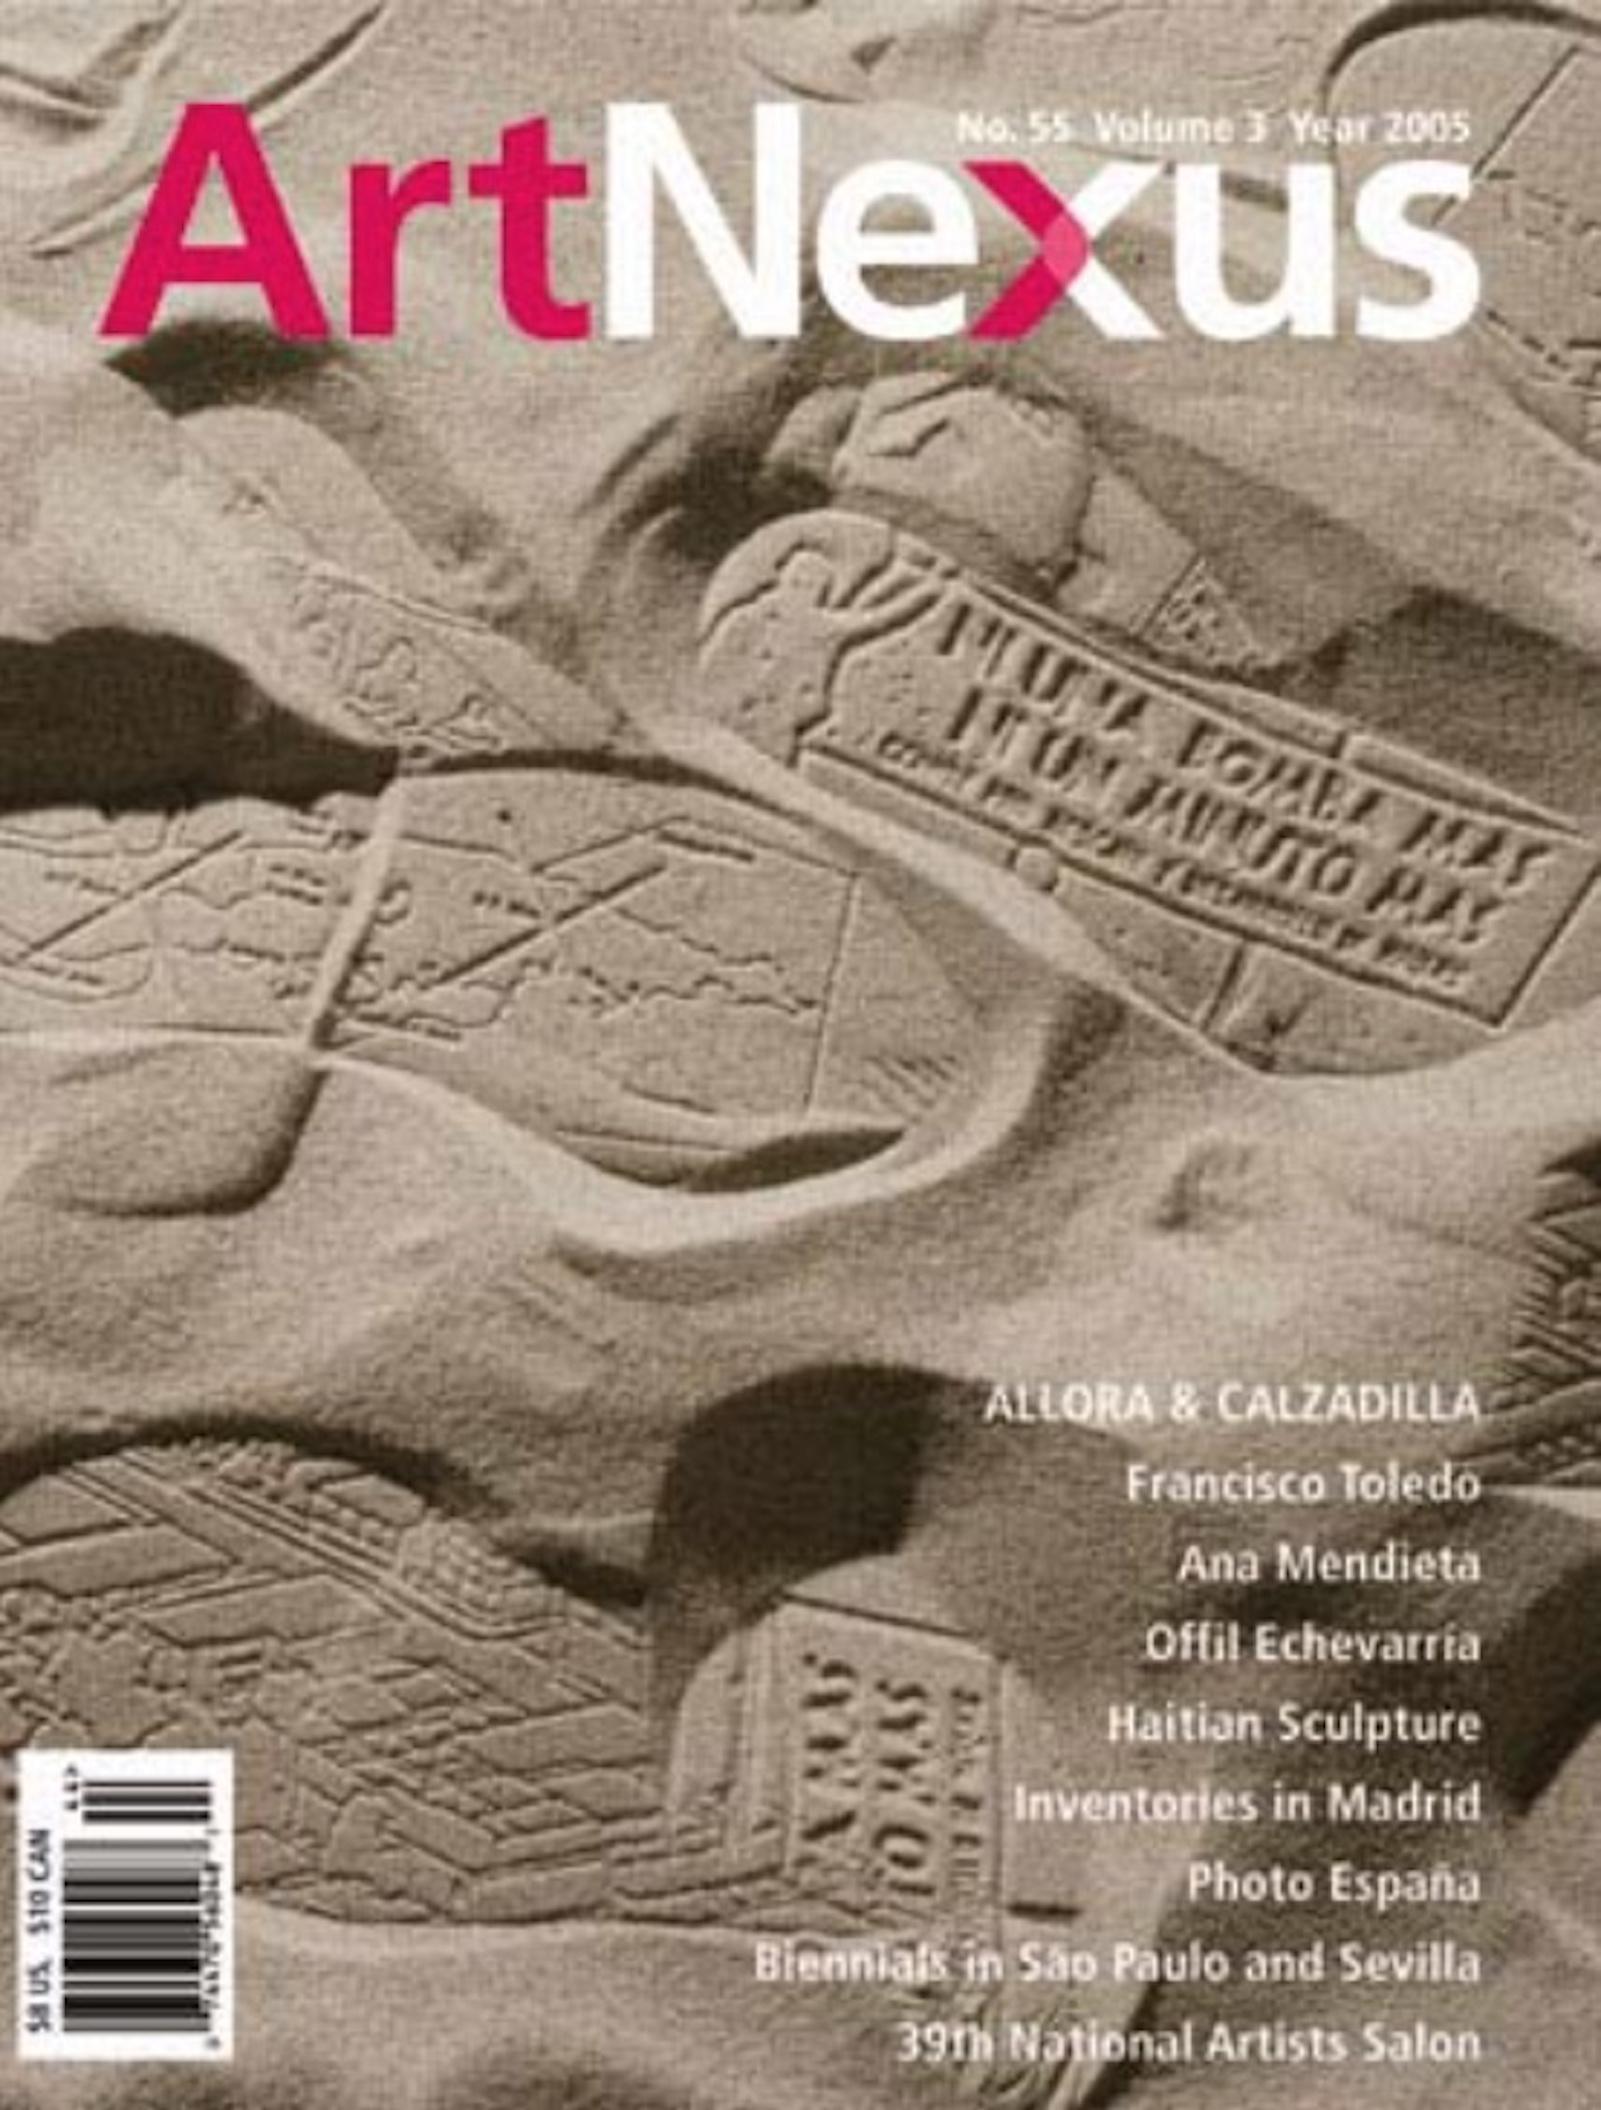 ArtNexus_2005_vol.3_55_Iran do Espirito Santo